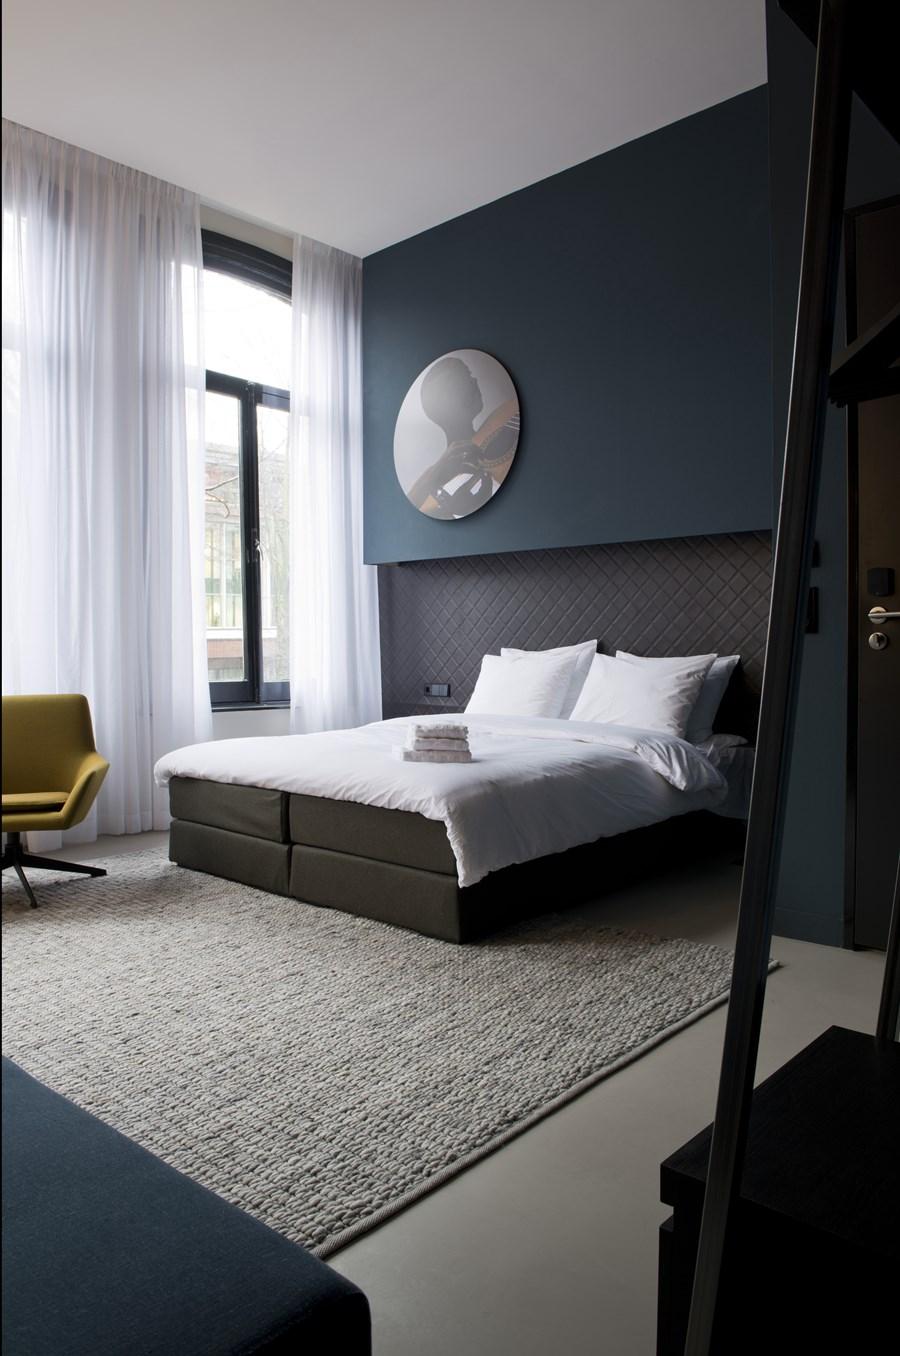 Boutique hotel in amsterdam by jeroen de nijs myhouseidea for Design hotel australia